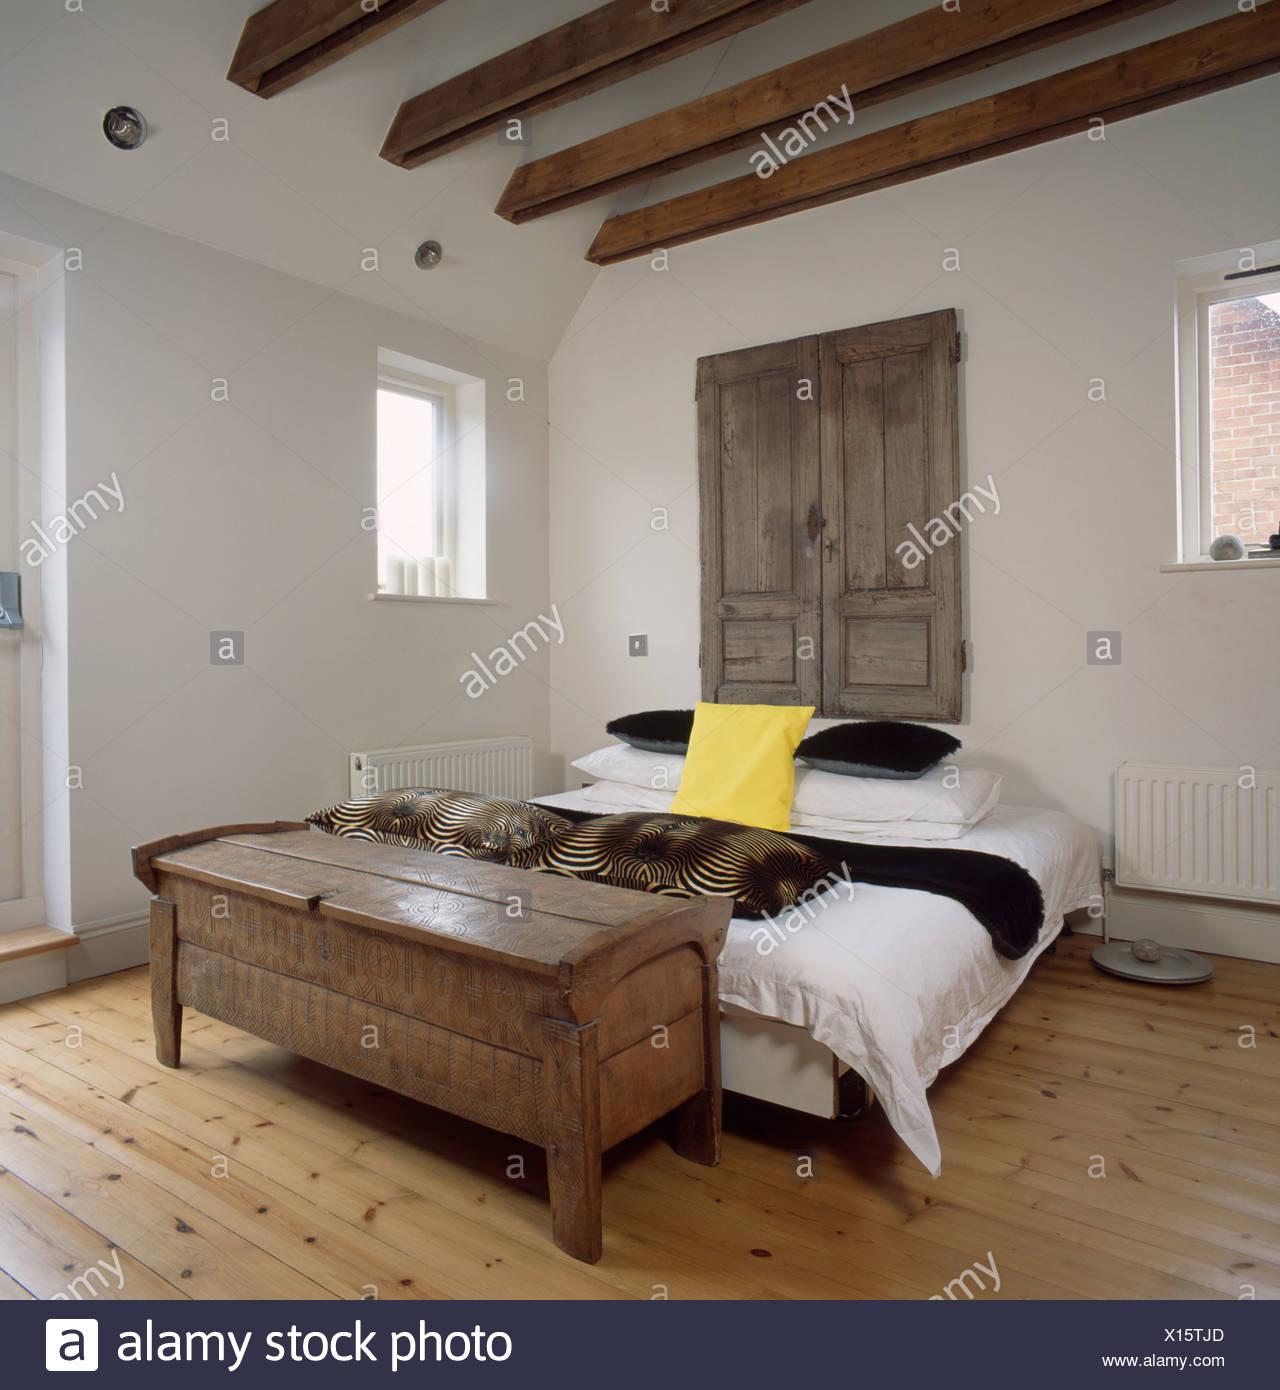 Armario puertas antiguas de madera encima de la cama en el dormitorio blanco simple con muebles Muebles de dormitorio antiguos